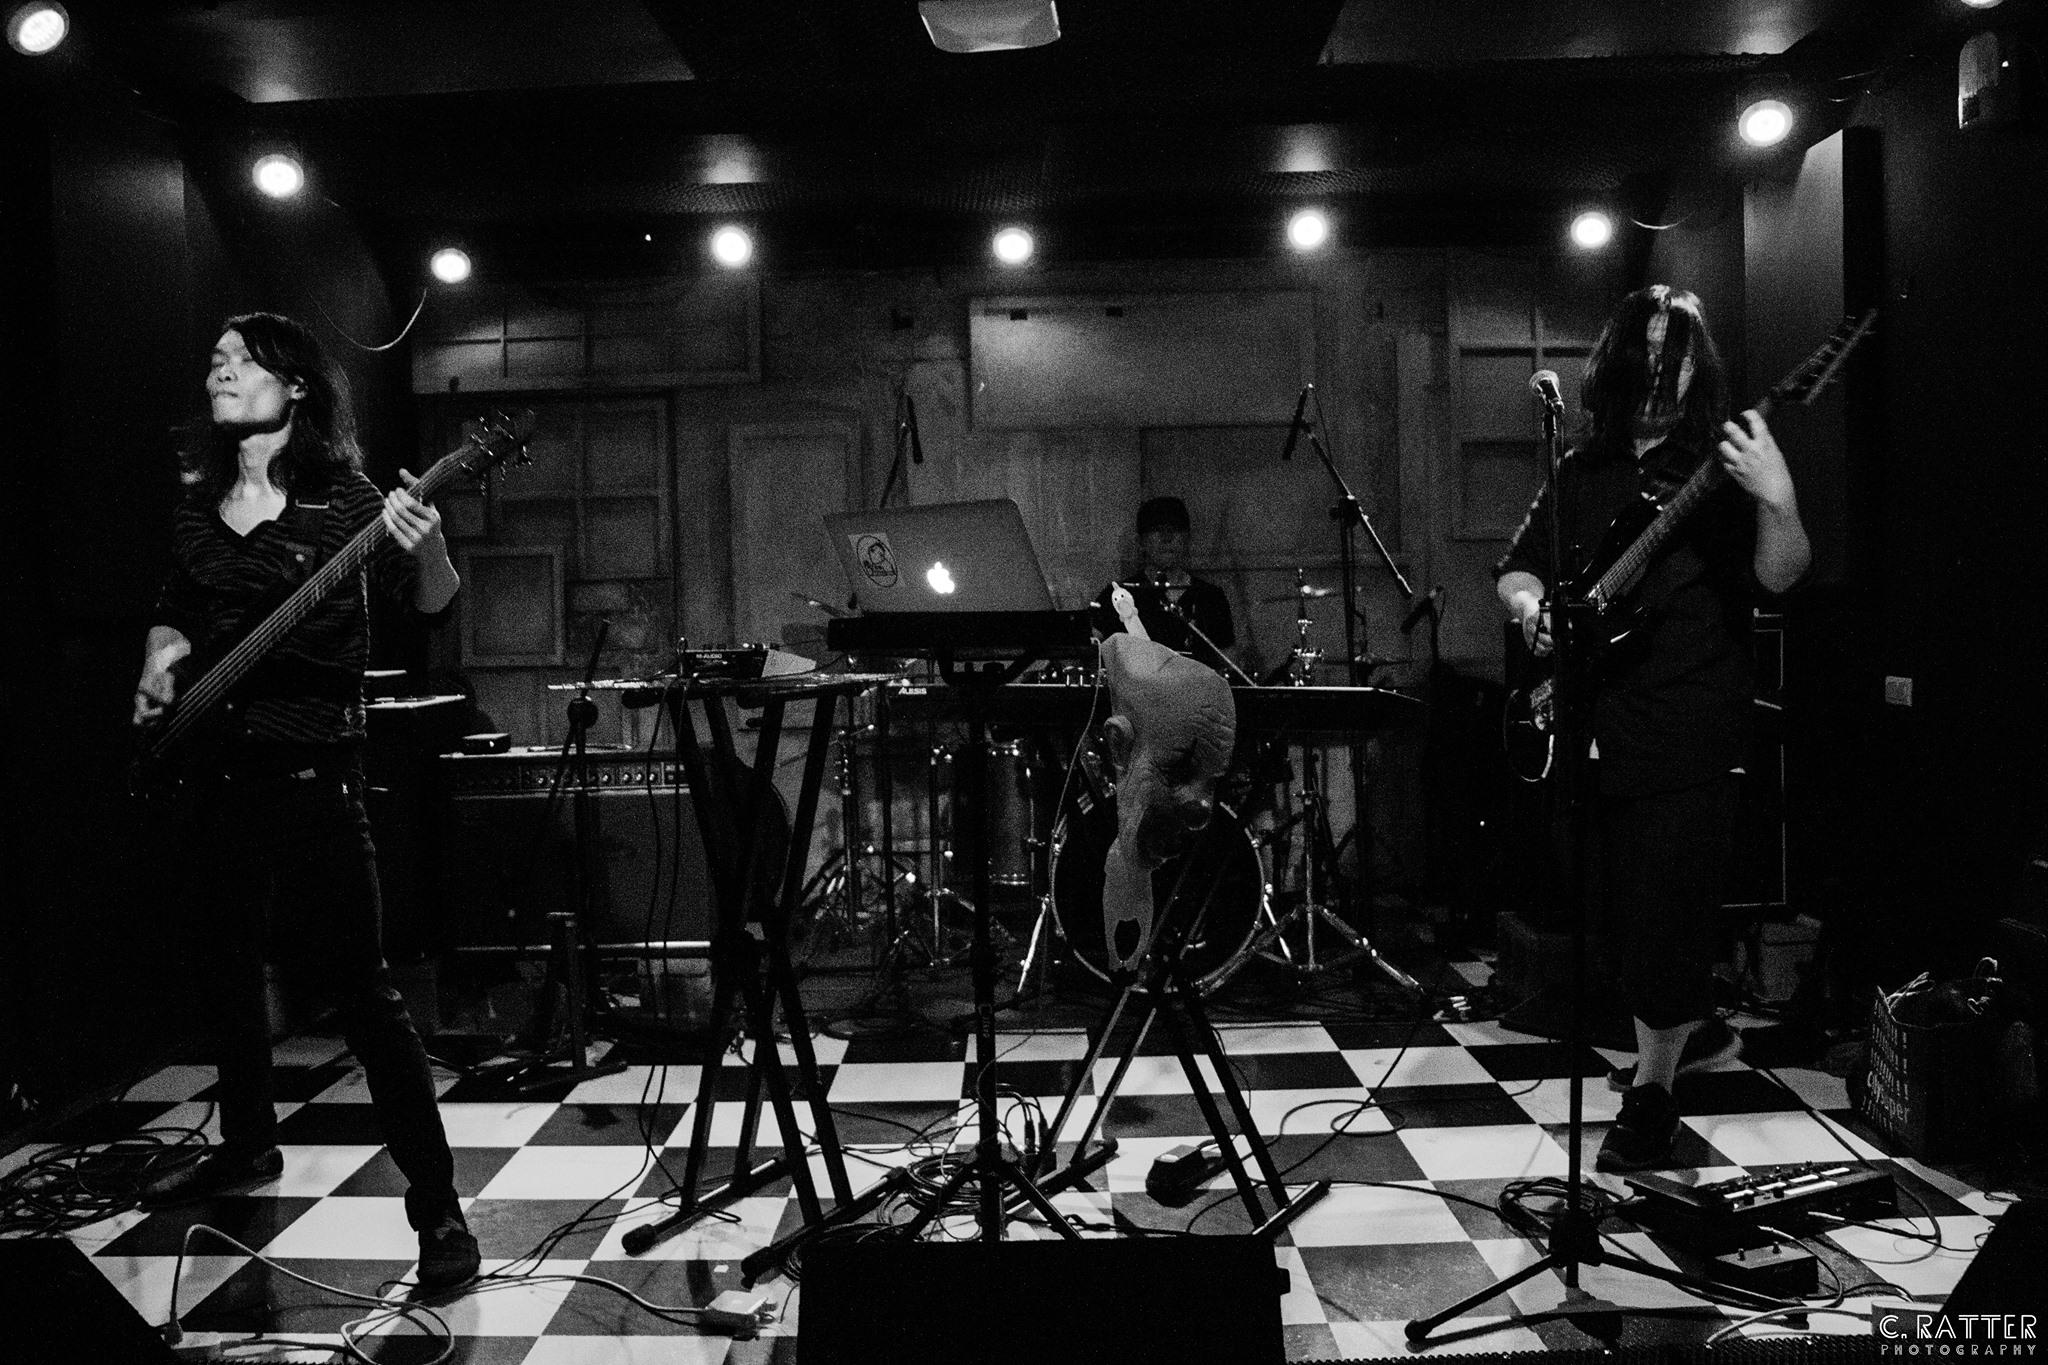 台灣後黑金 Obsequial Joy 談單曲 Helpless 公布EP細節